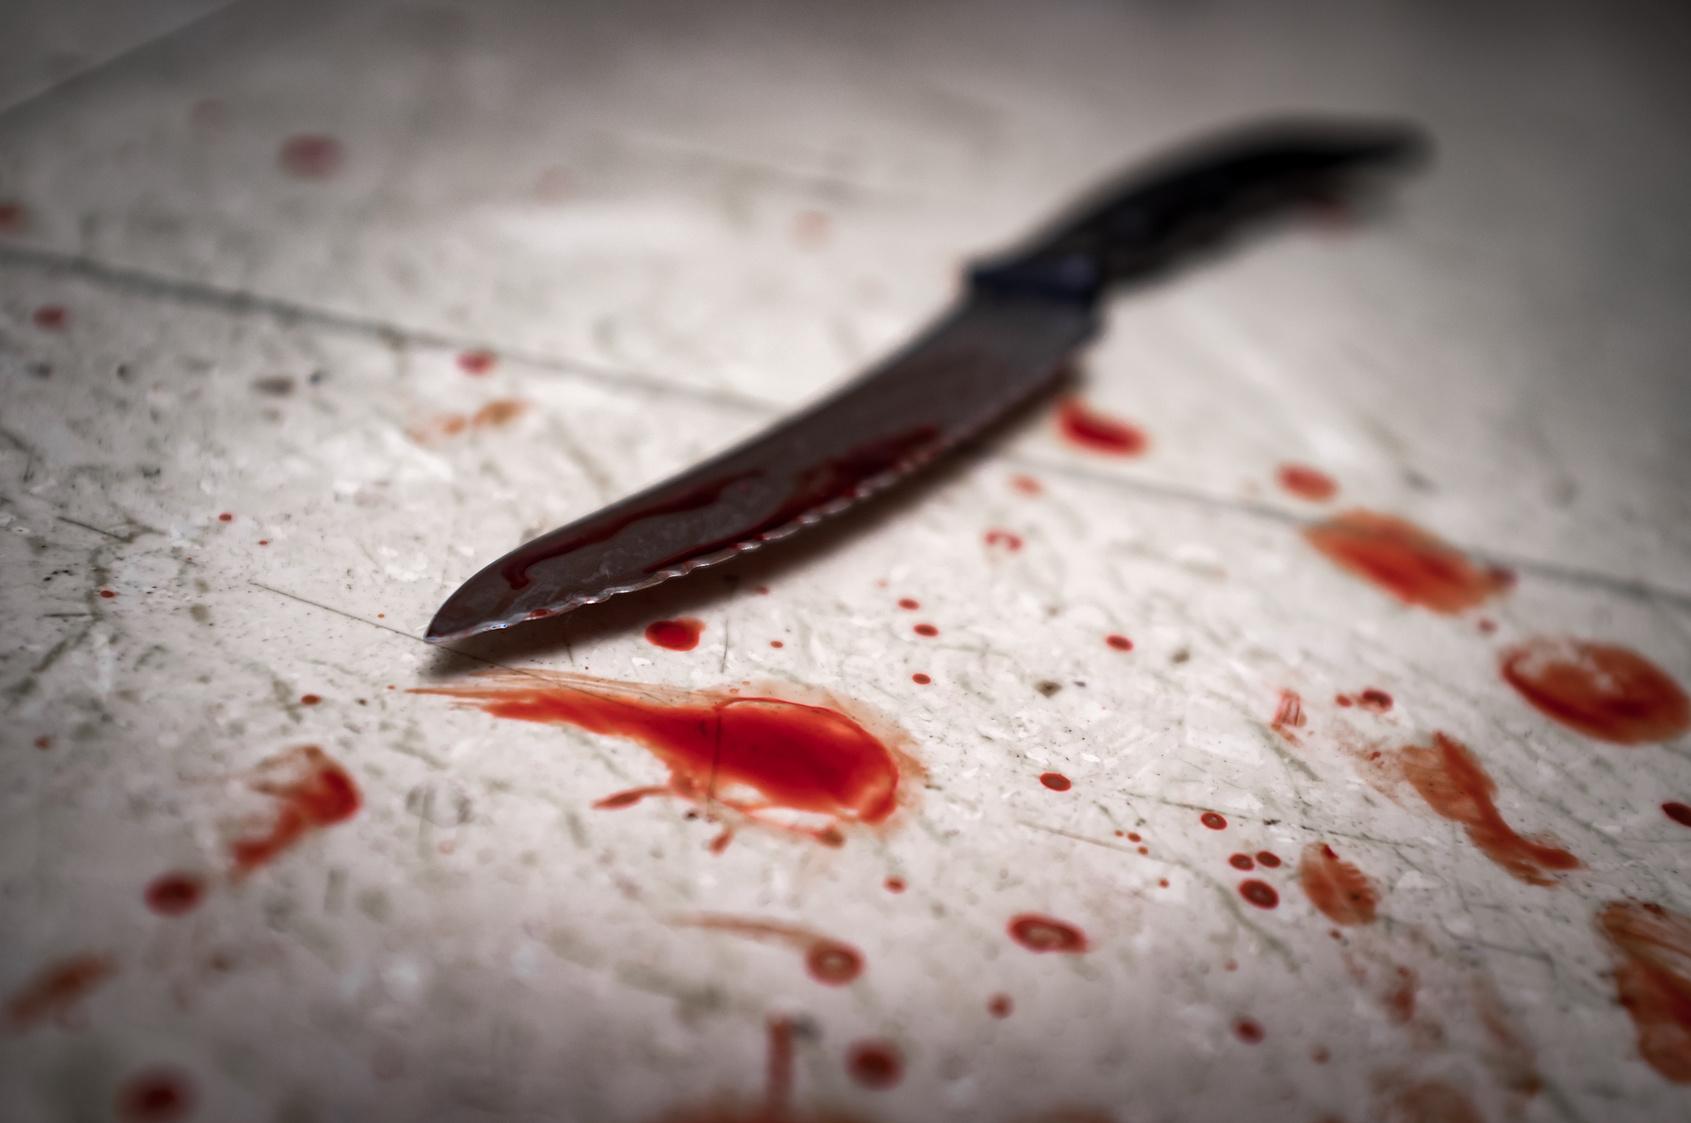 Weil er seine Frau mit 20 Messerstichen tötete Angeklagter wünscht sich die Todesstrafe